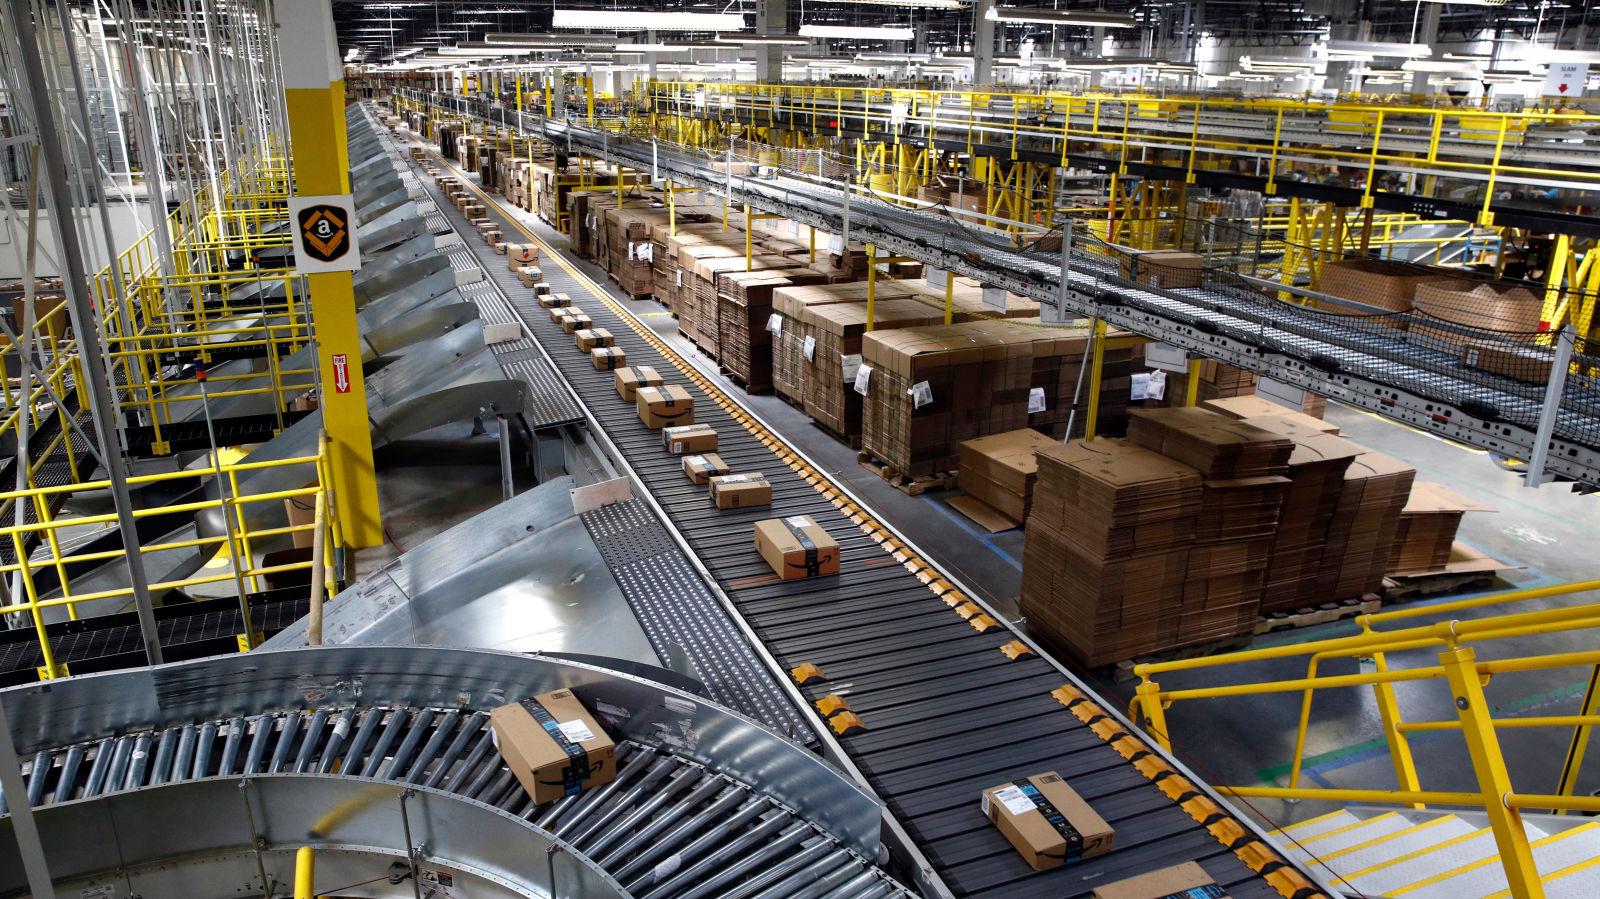 Amazon sí se encuentra explorando una variedad de tecnologías para poder automatizar algunos de los pasos necesarios para hacer llegar un paquete a cualquier comprador (Foto: AP)